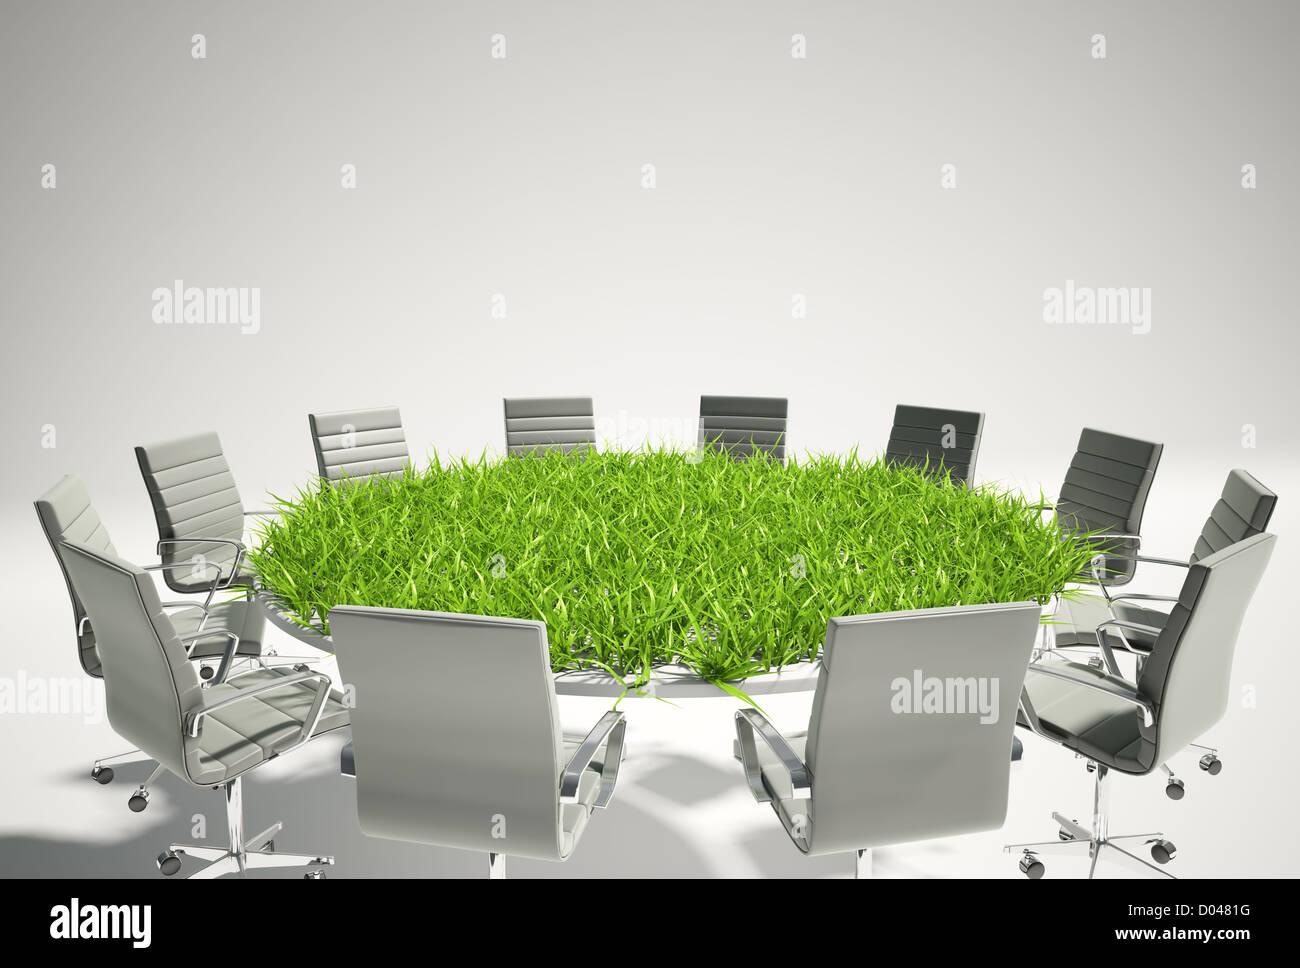 Mesa de conferencia, cubierto de hierba - business outlook concepto Imagen De Stock